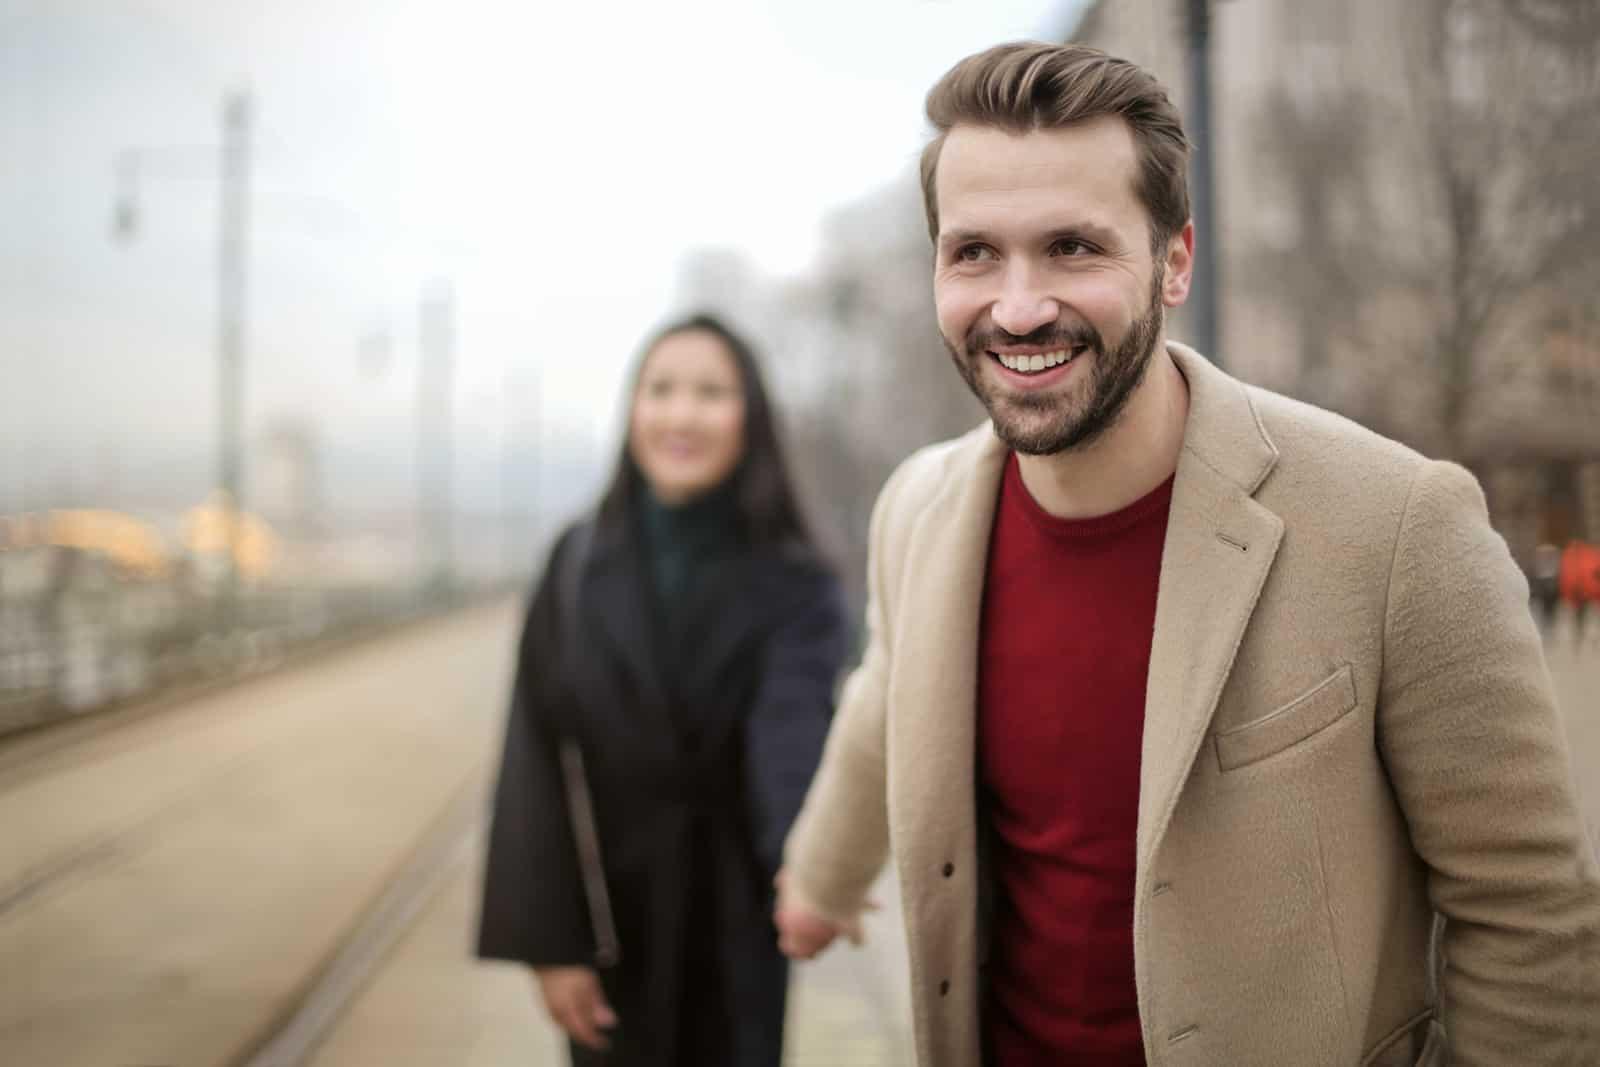 homme souriant et une femme se tenant la main en marchant sur un trottoir